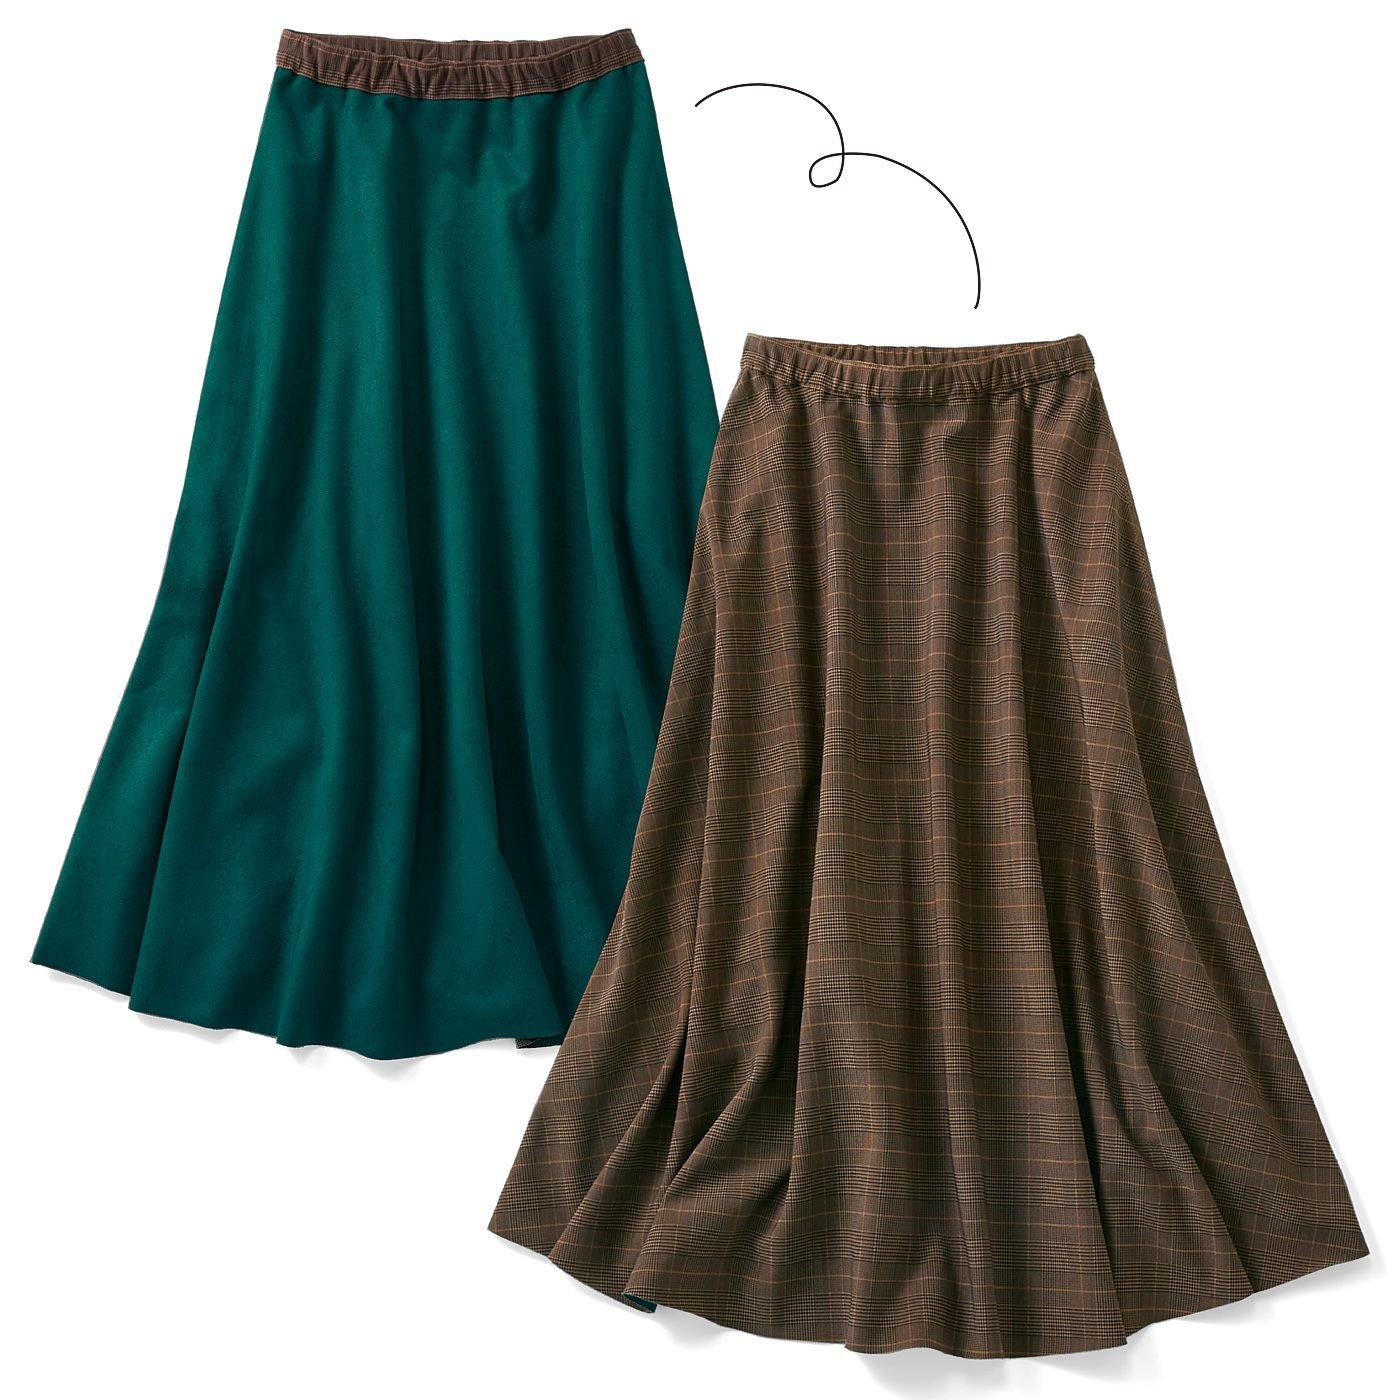 リブ イン コンフォート お出かけしたくなる ひらっと軽やか上品エコスエードスカート〈グリーン〉